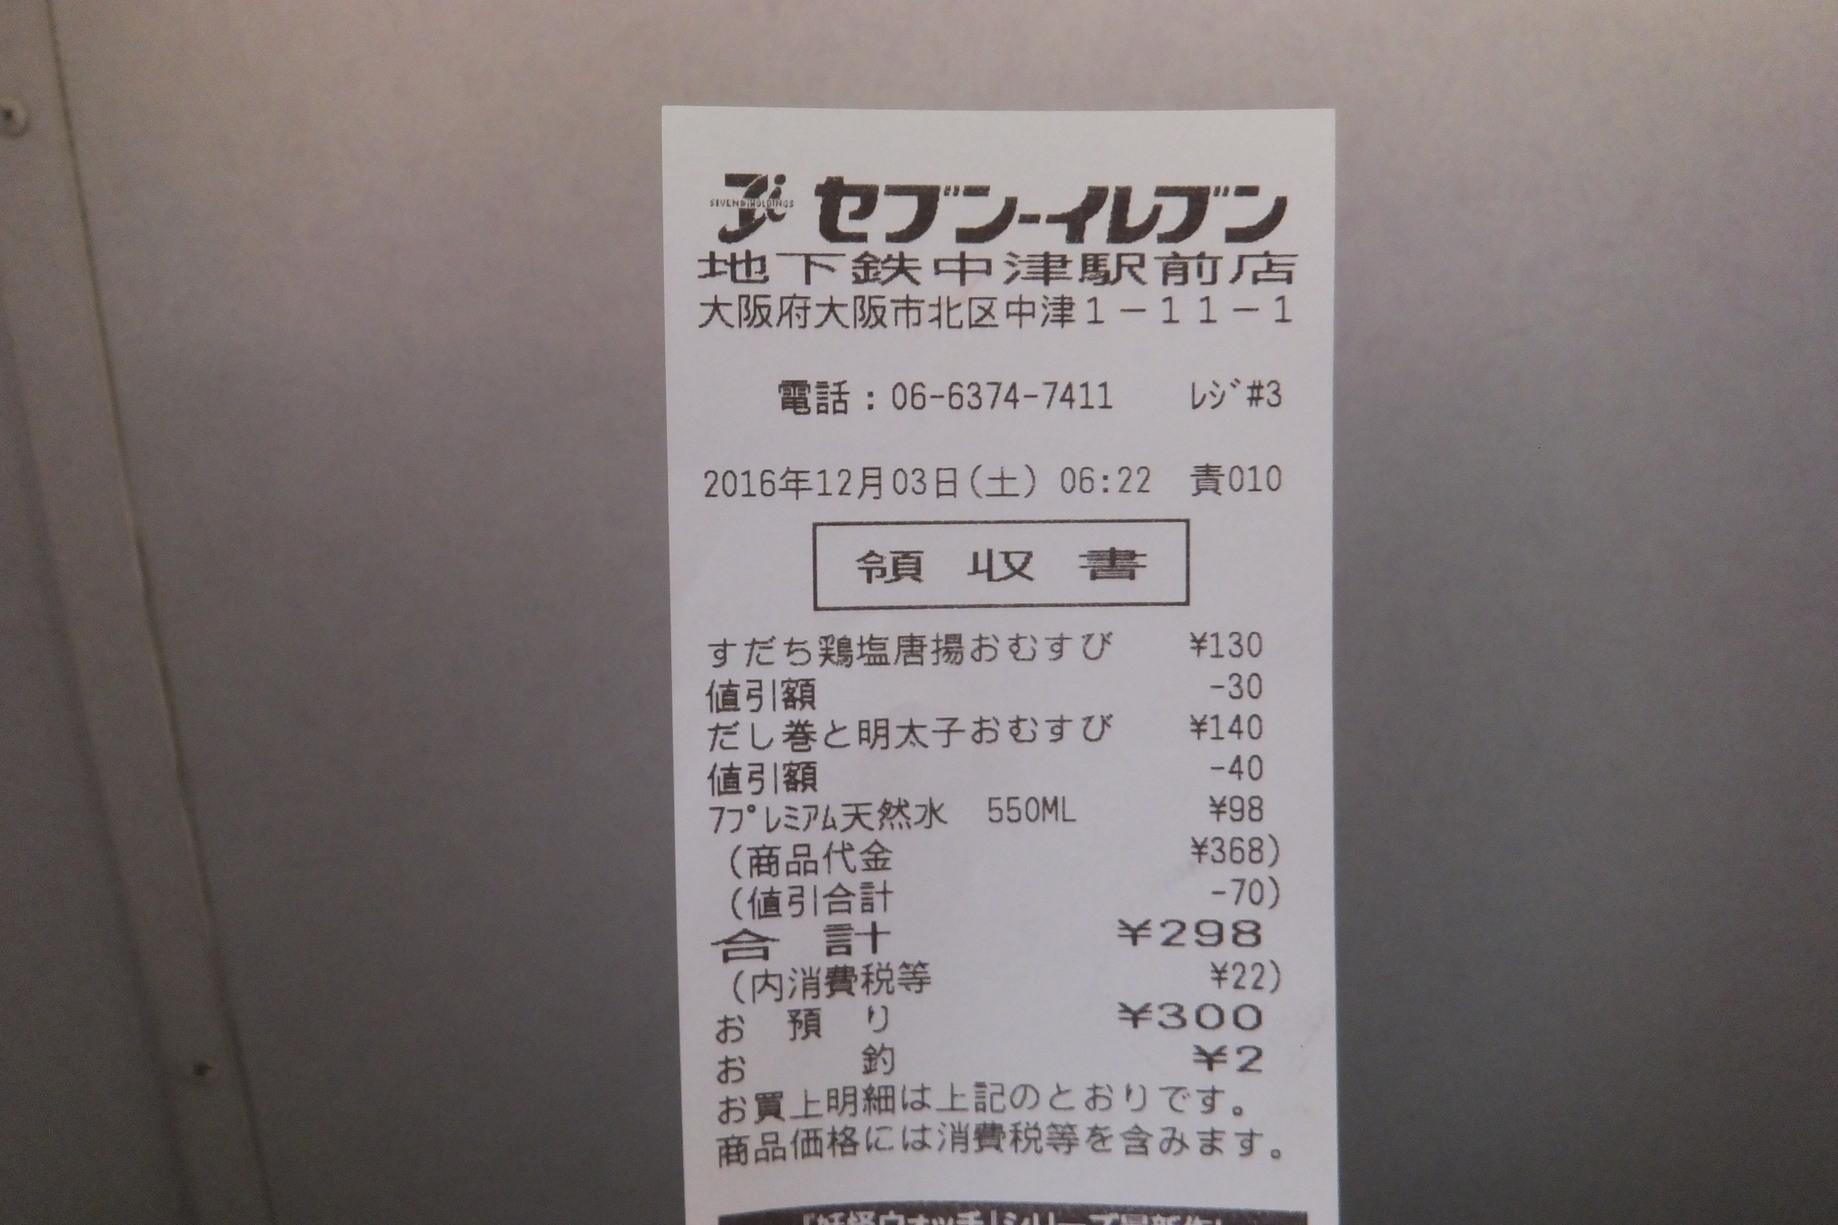 セブンイレブン 地下鉄中津駅前店